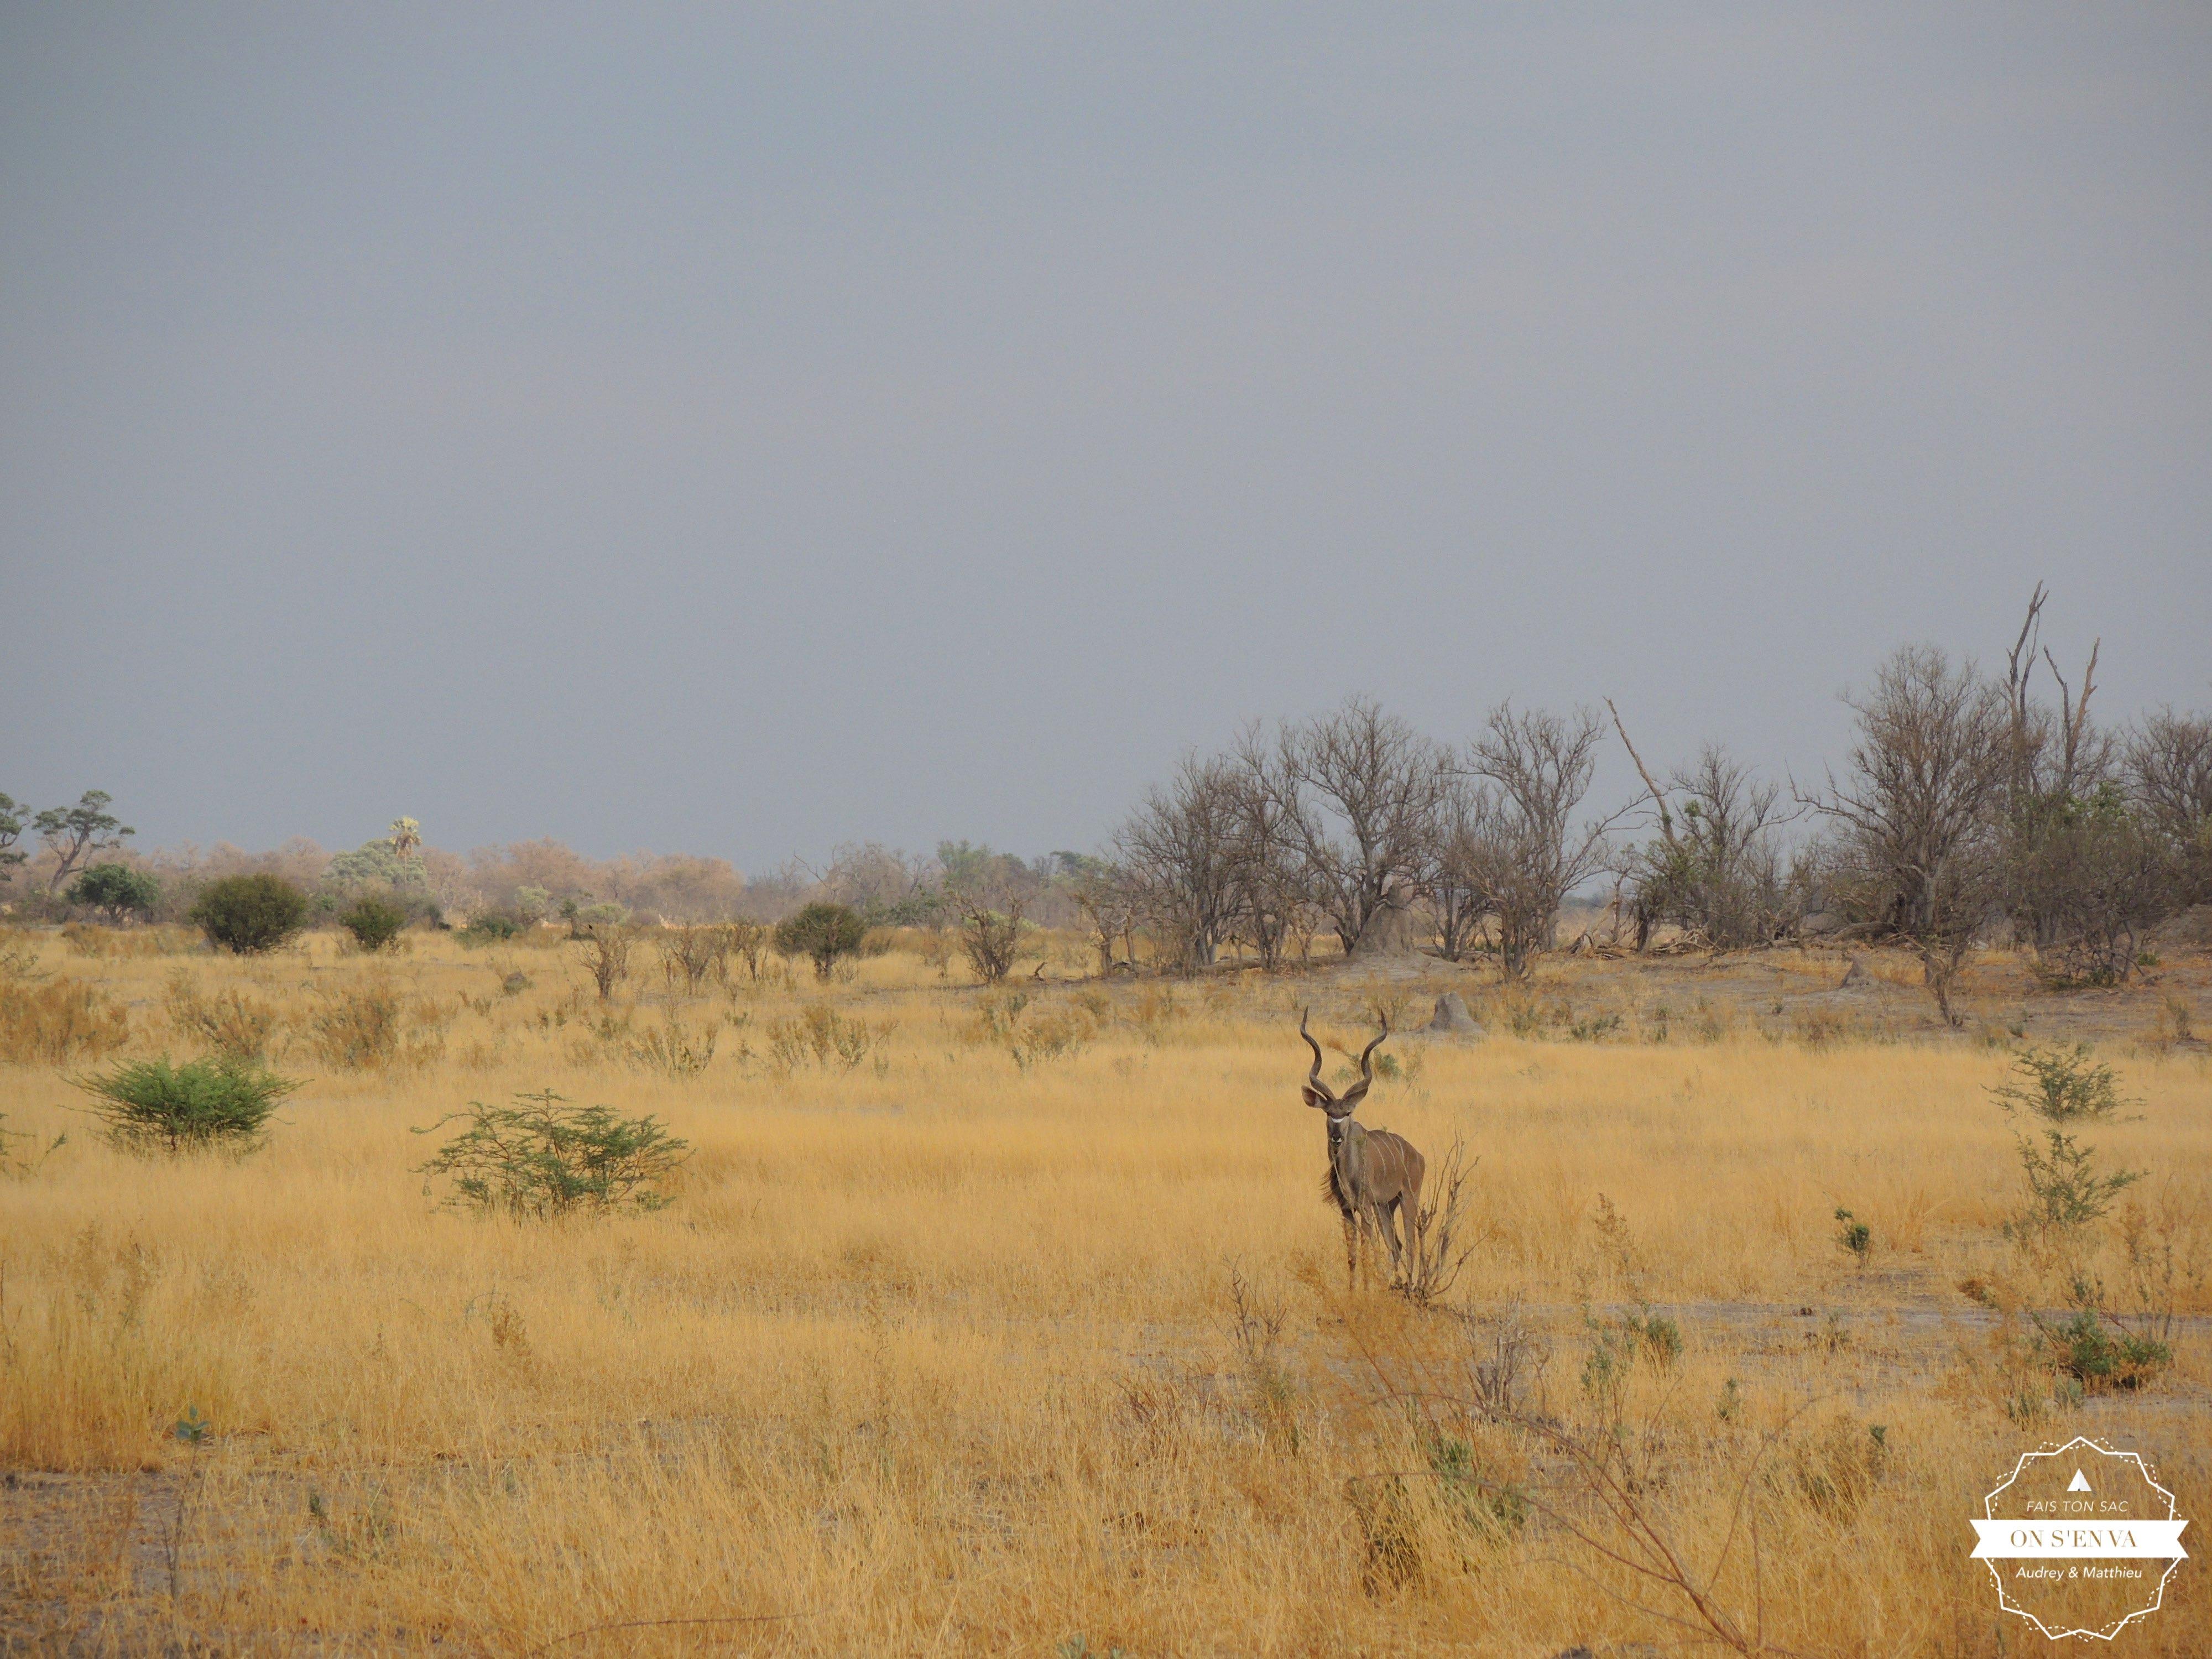 Un kudu